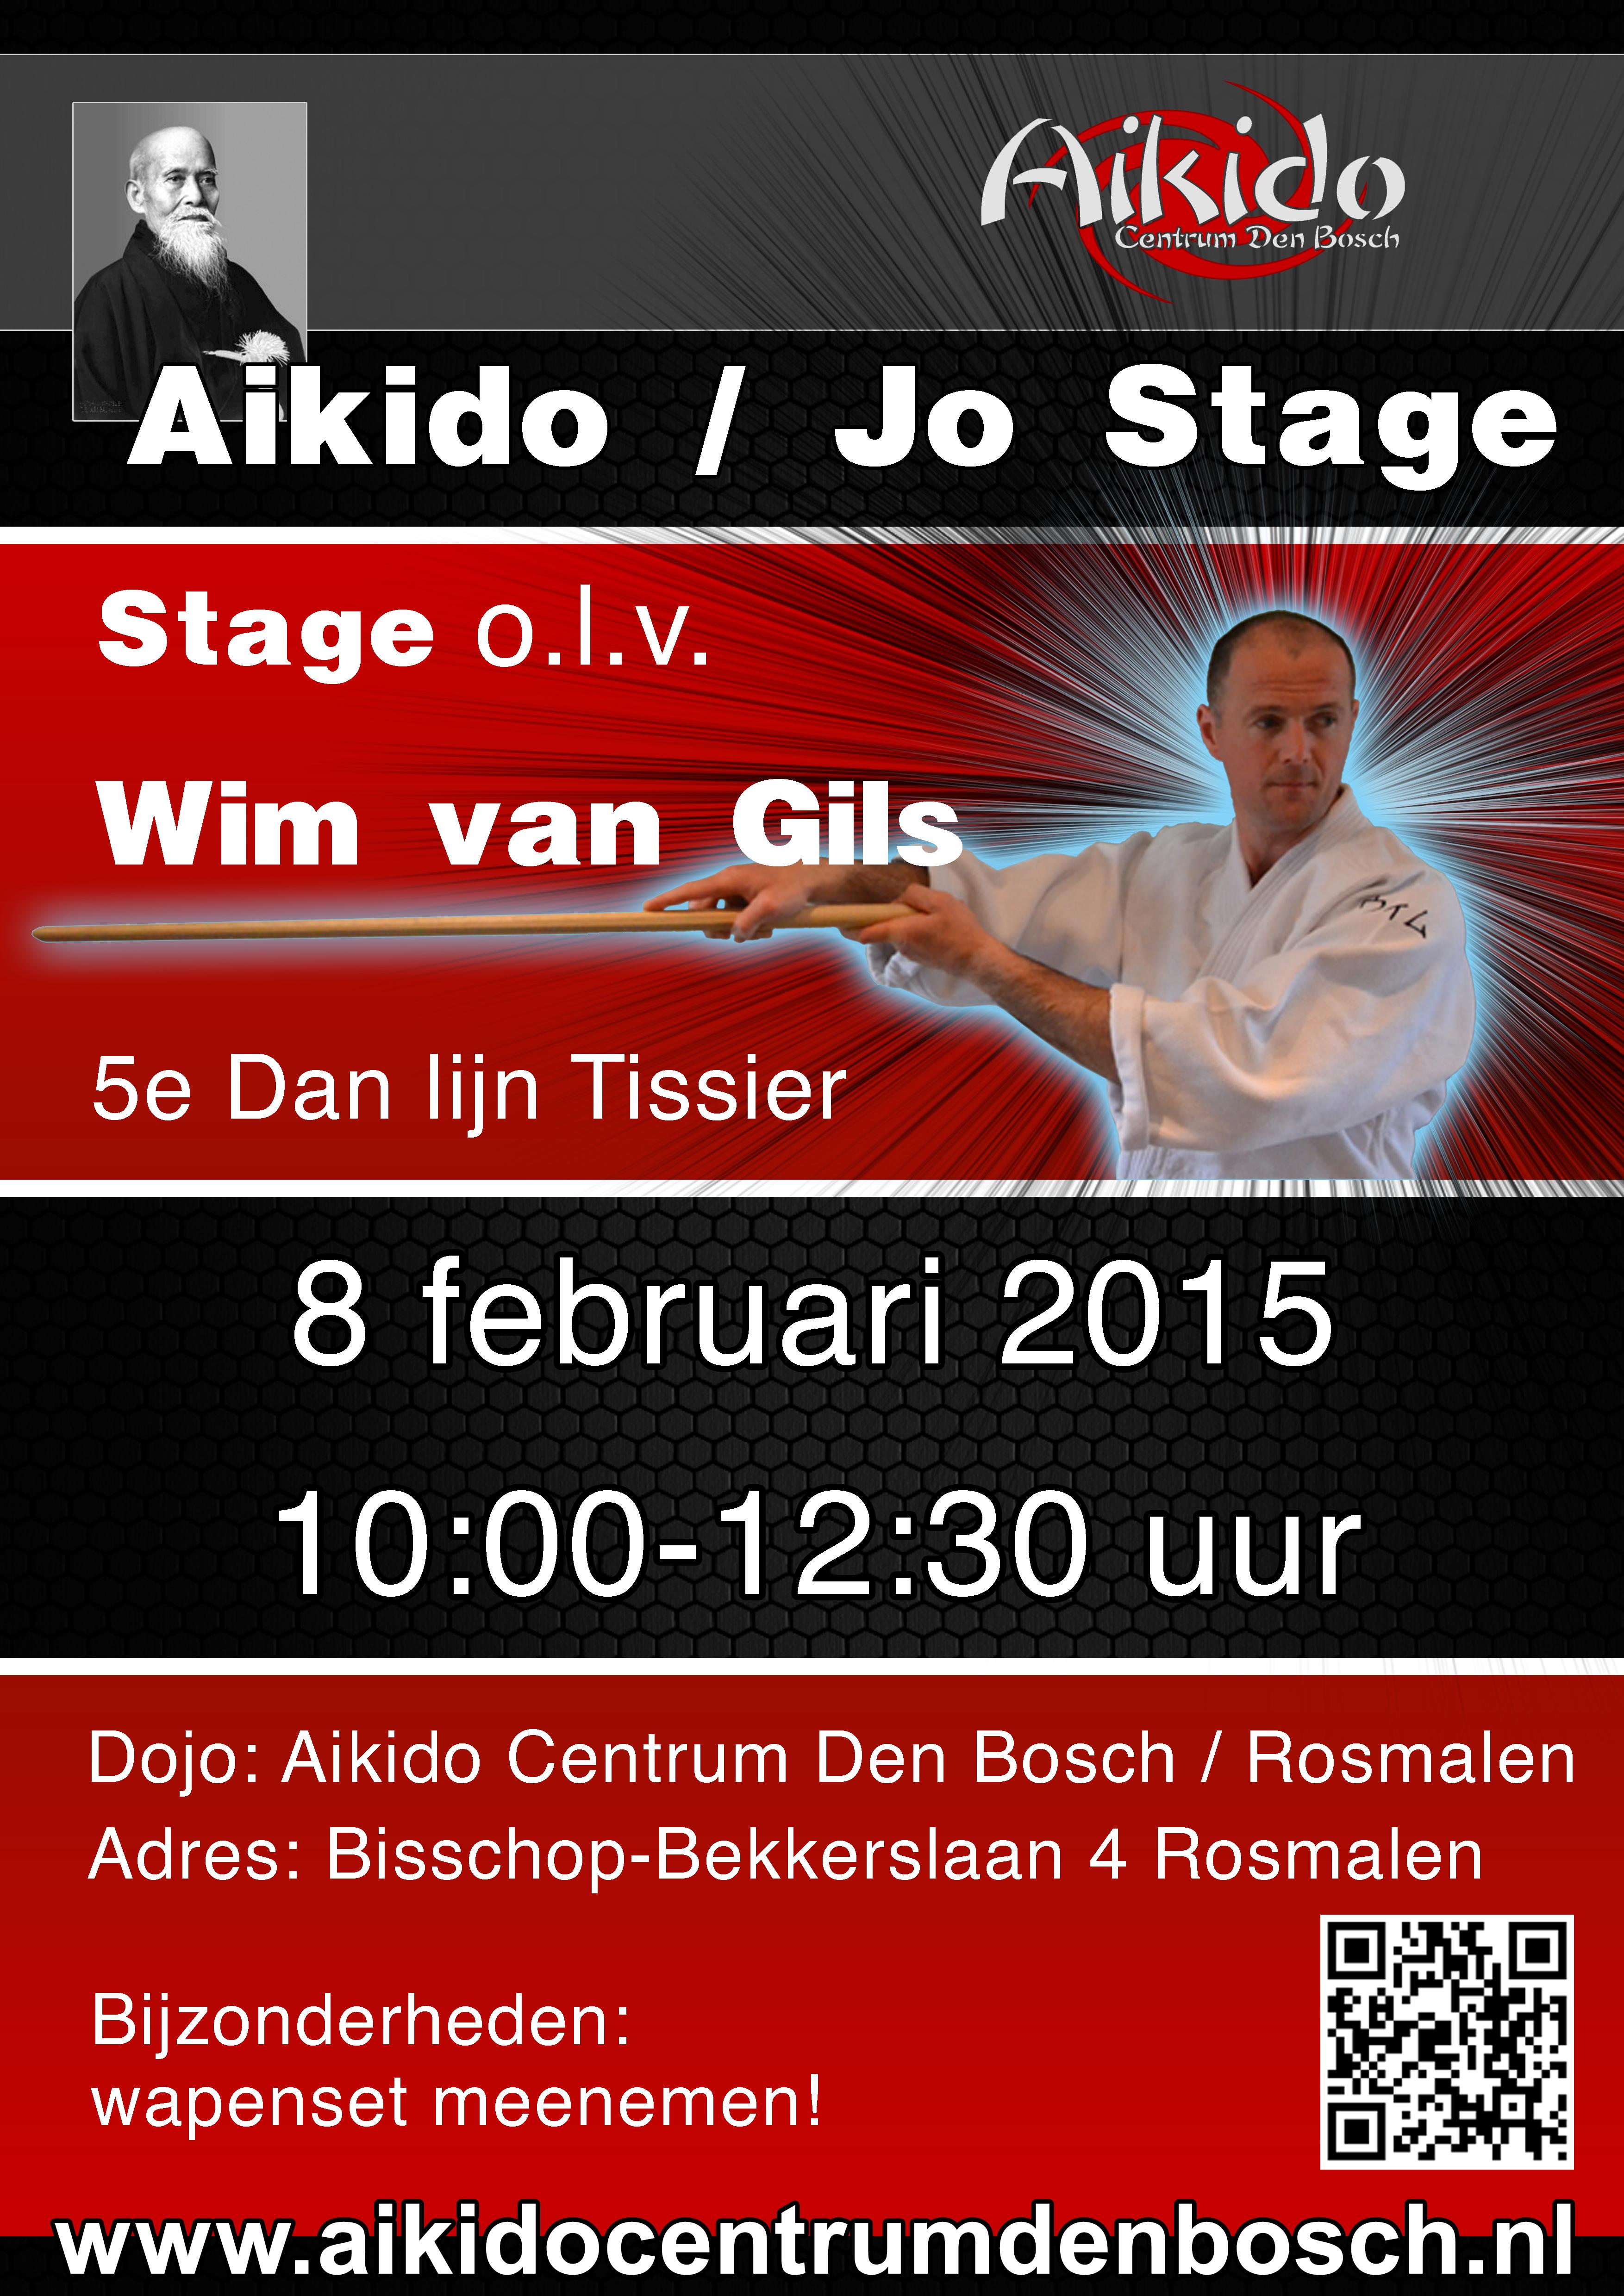 Wim Van Gils Den Bosch